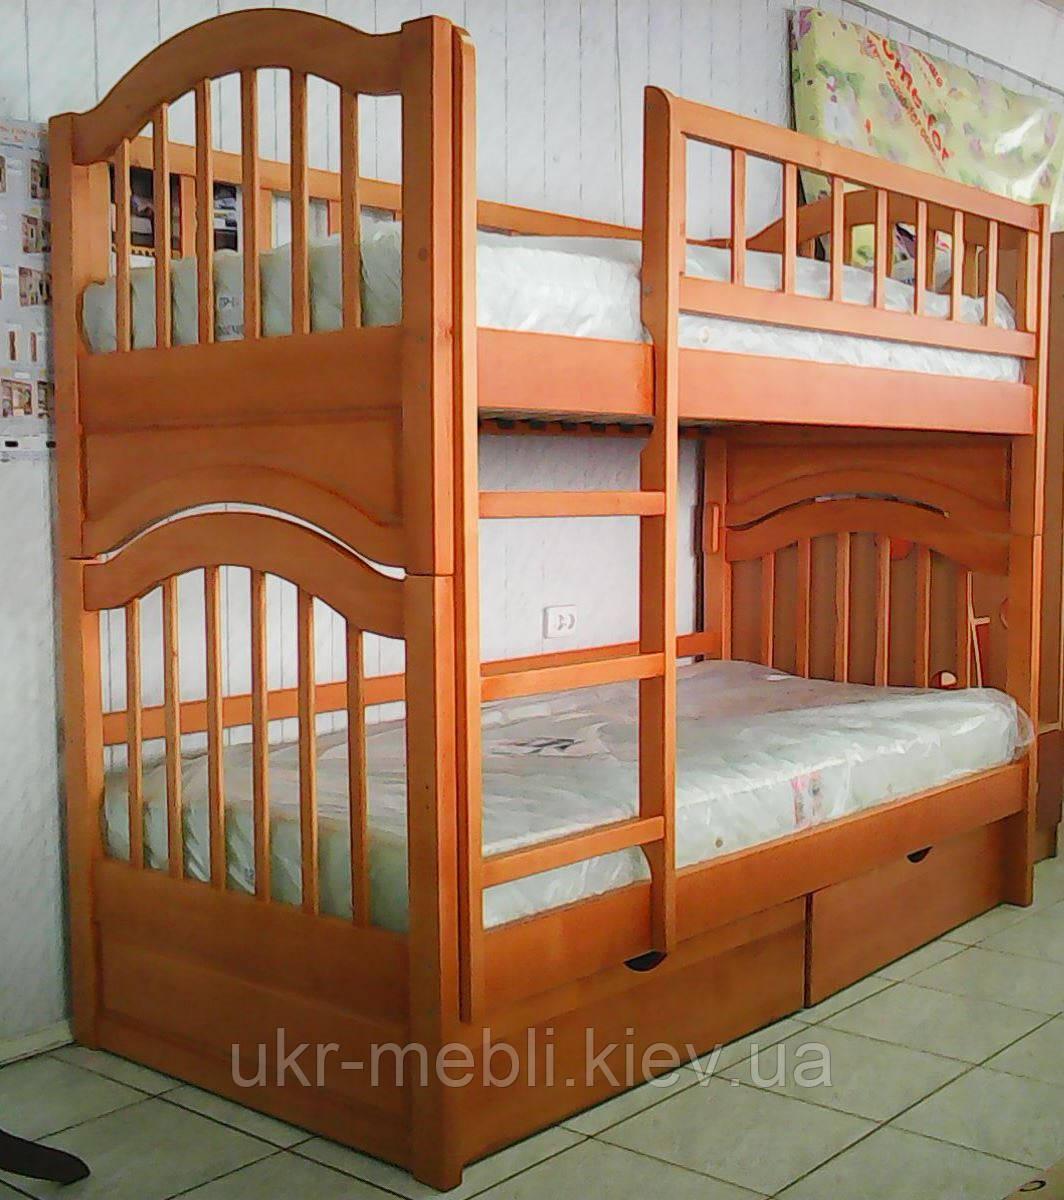 Двухъярусная детская кровать из массива дерева Юлия, кровать трансформер